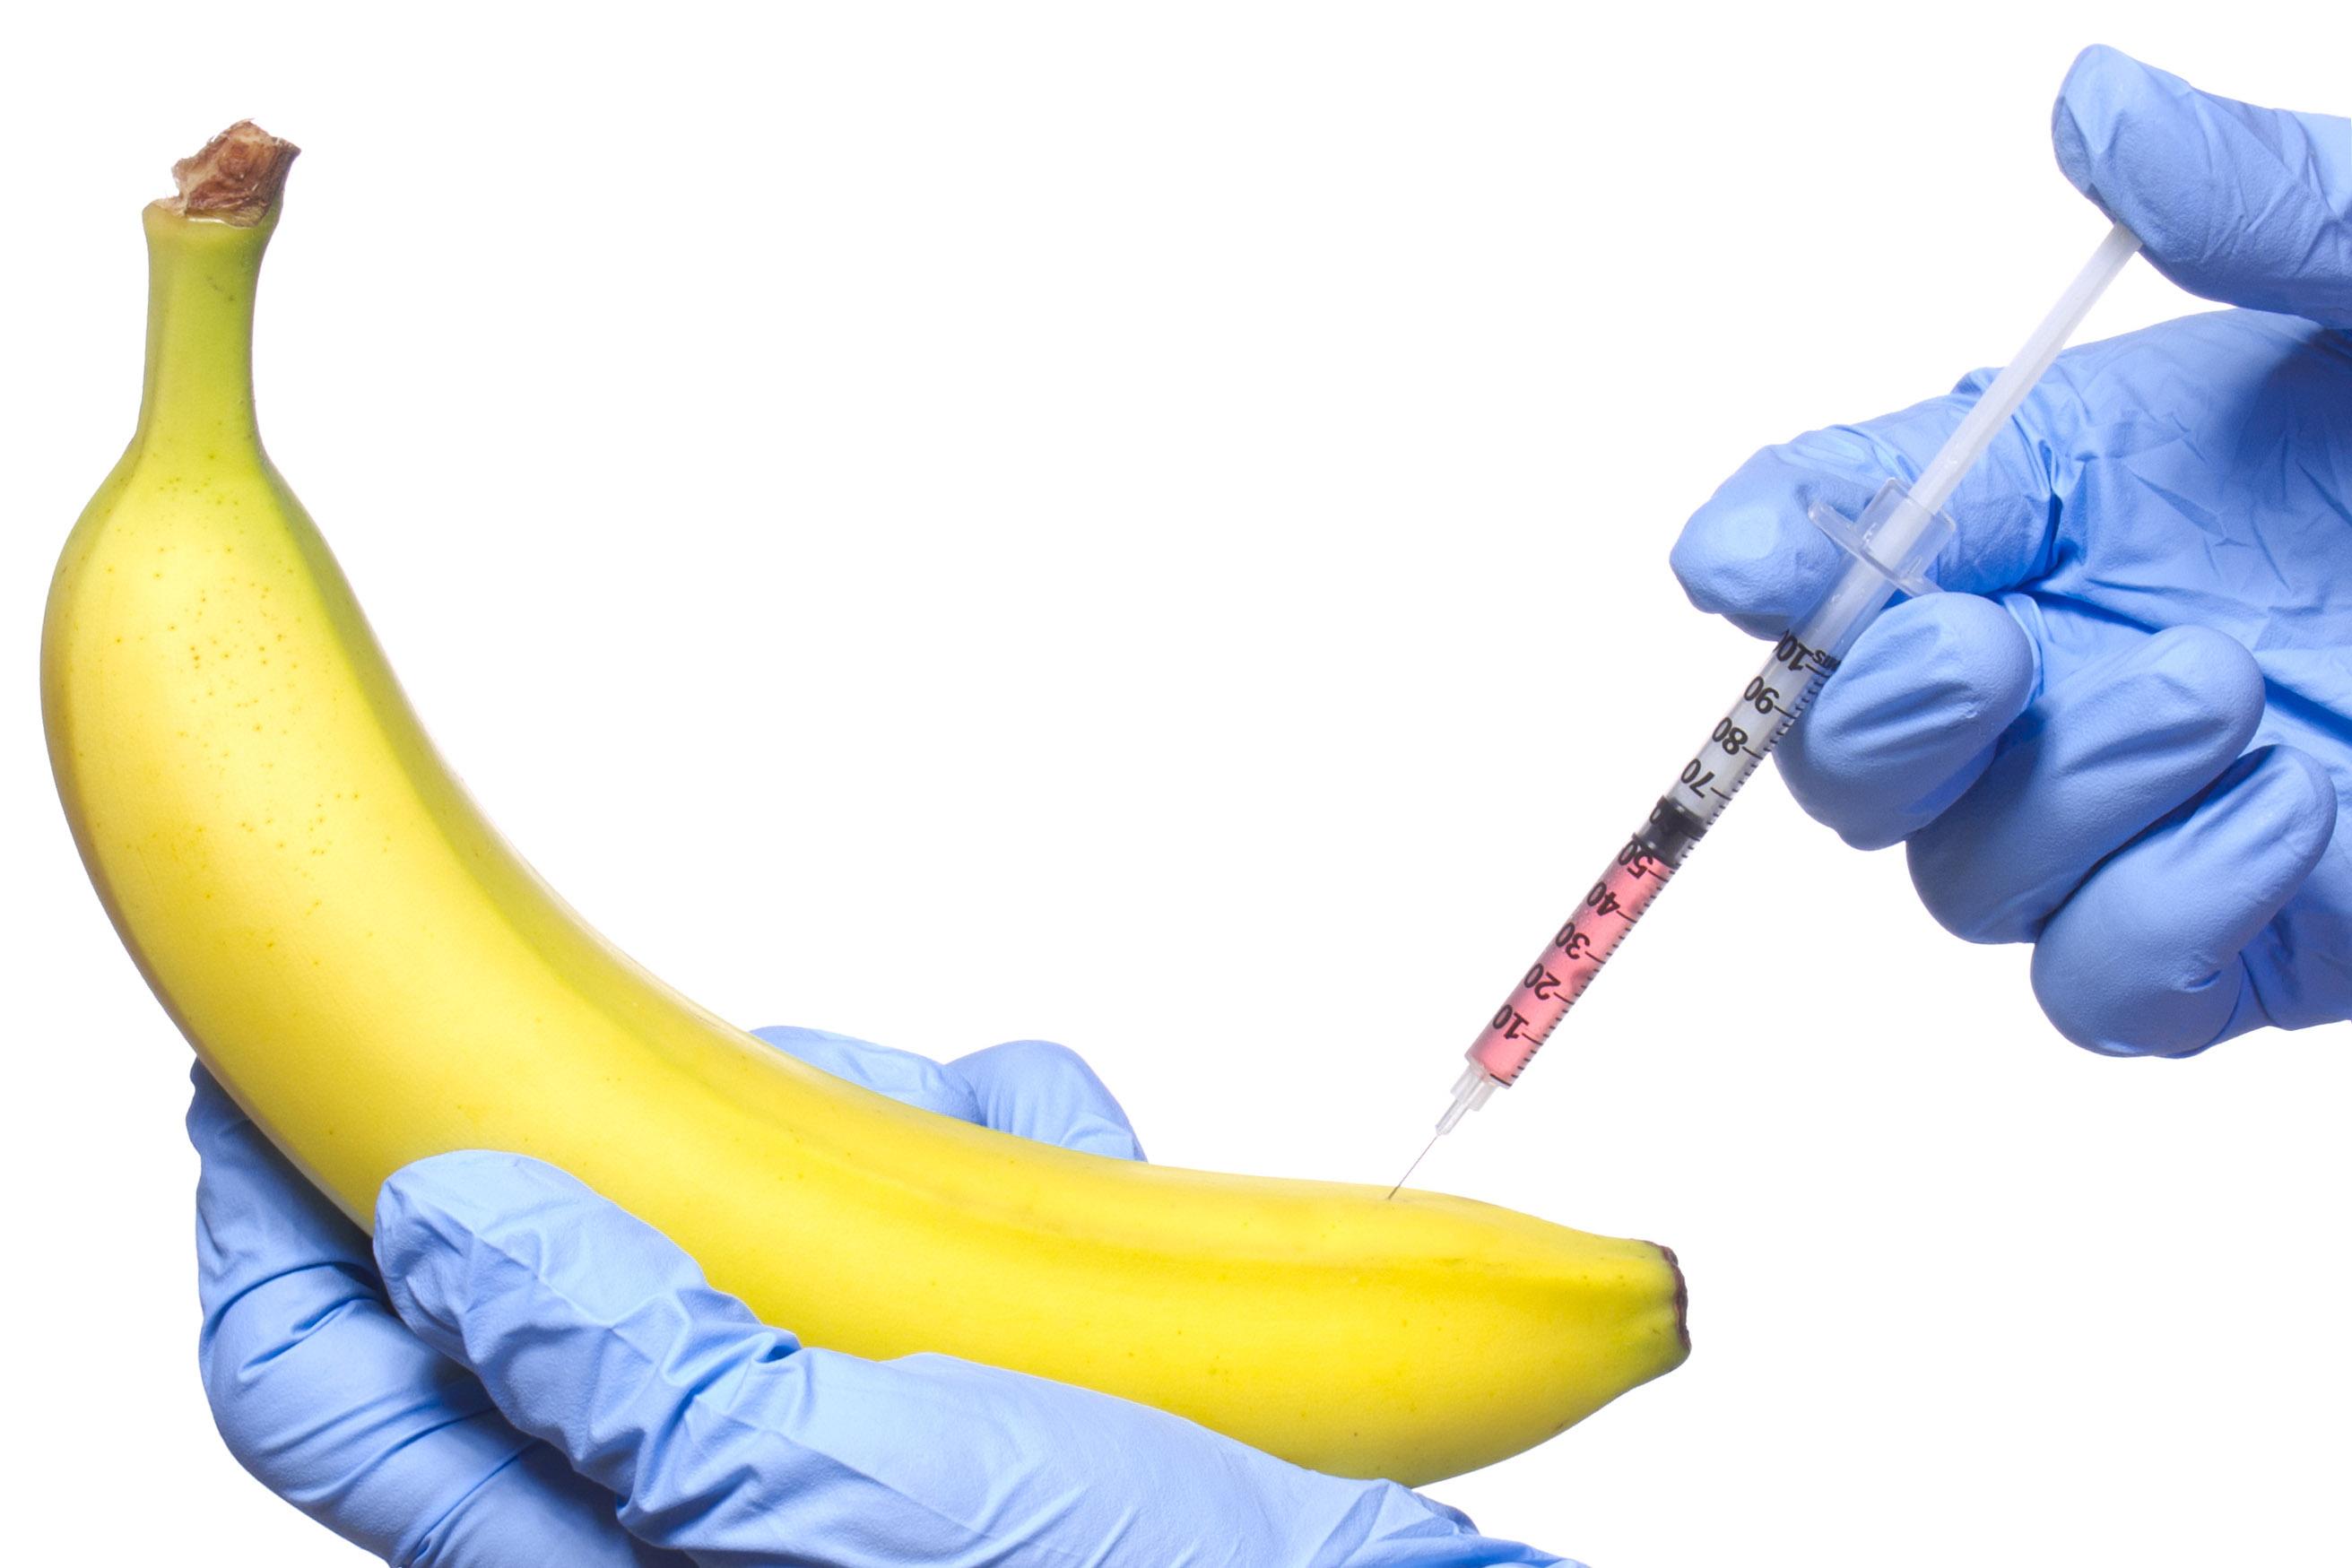 injectarea de botox în penis unguent pentru o erecție lungă